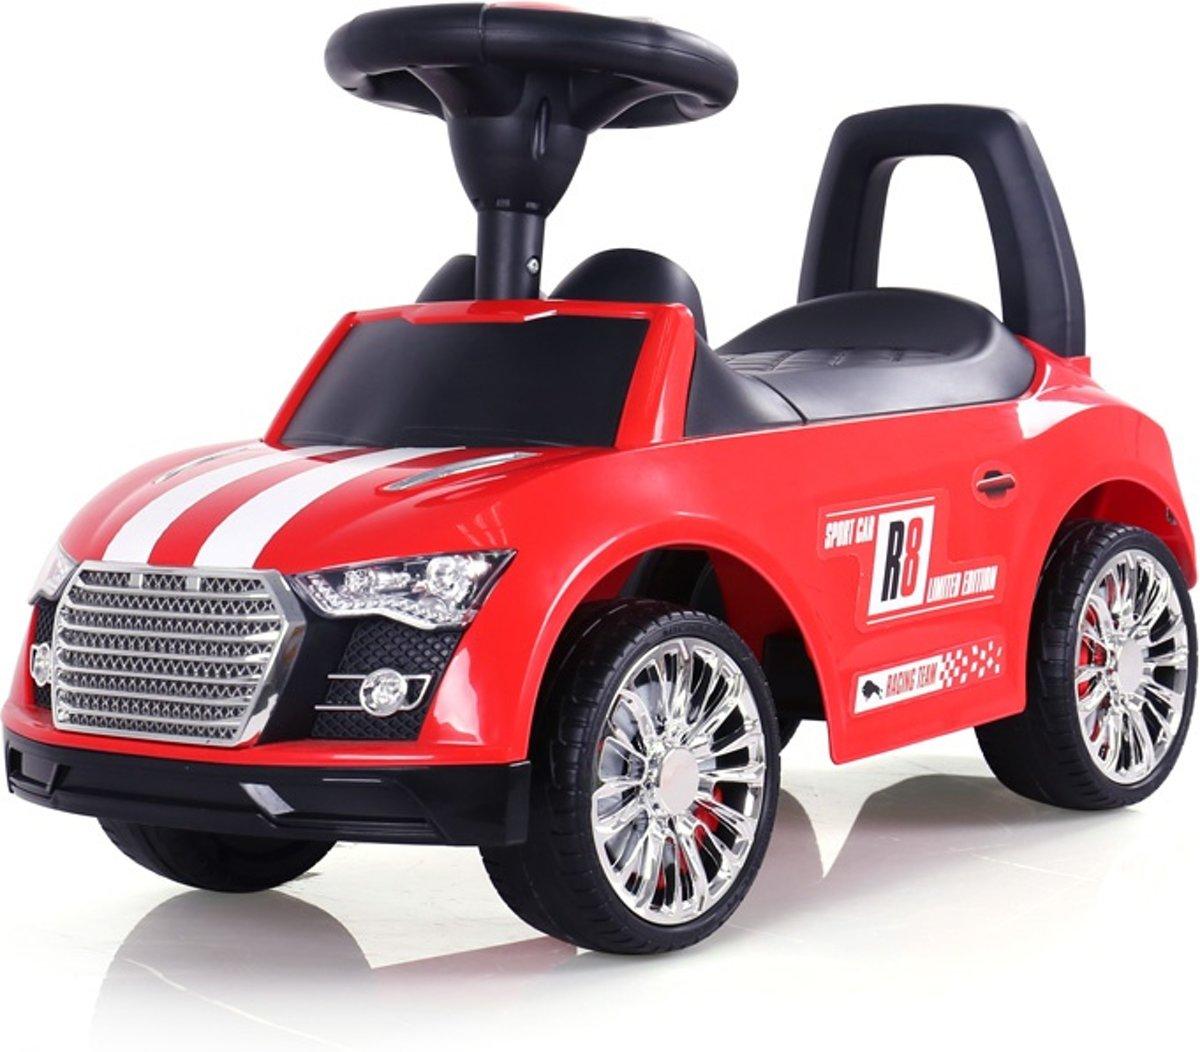 Milly Mally Loopwagen Raceauto Junior Rood